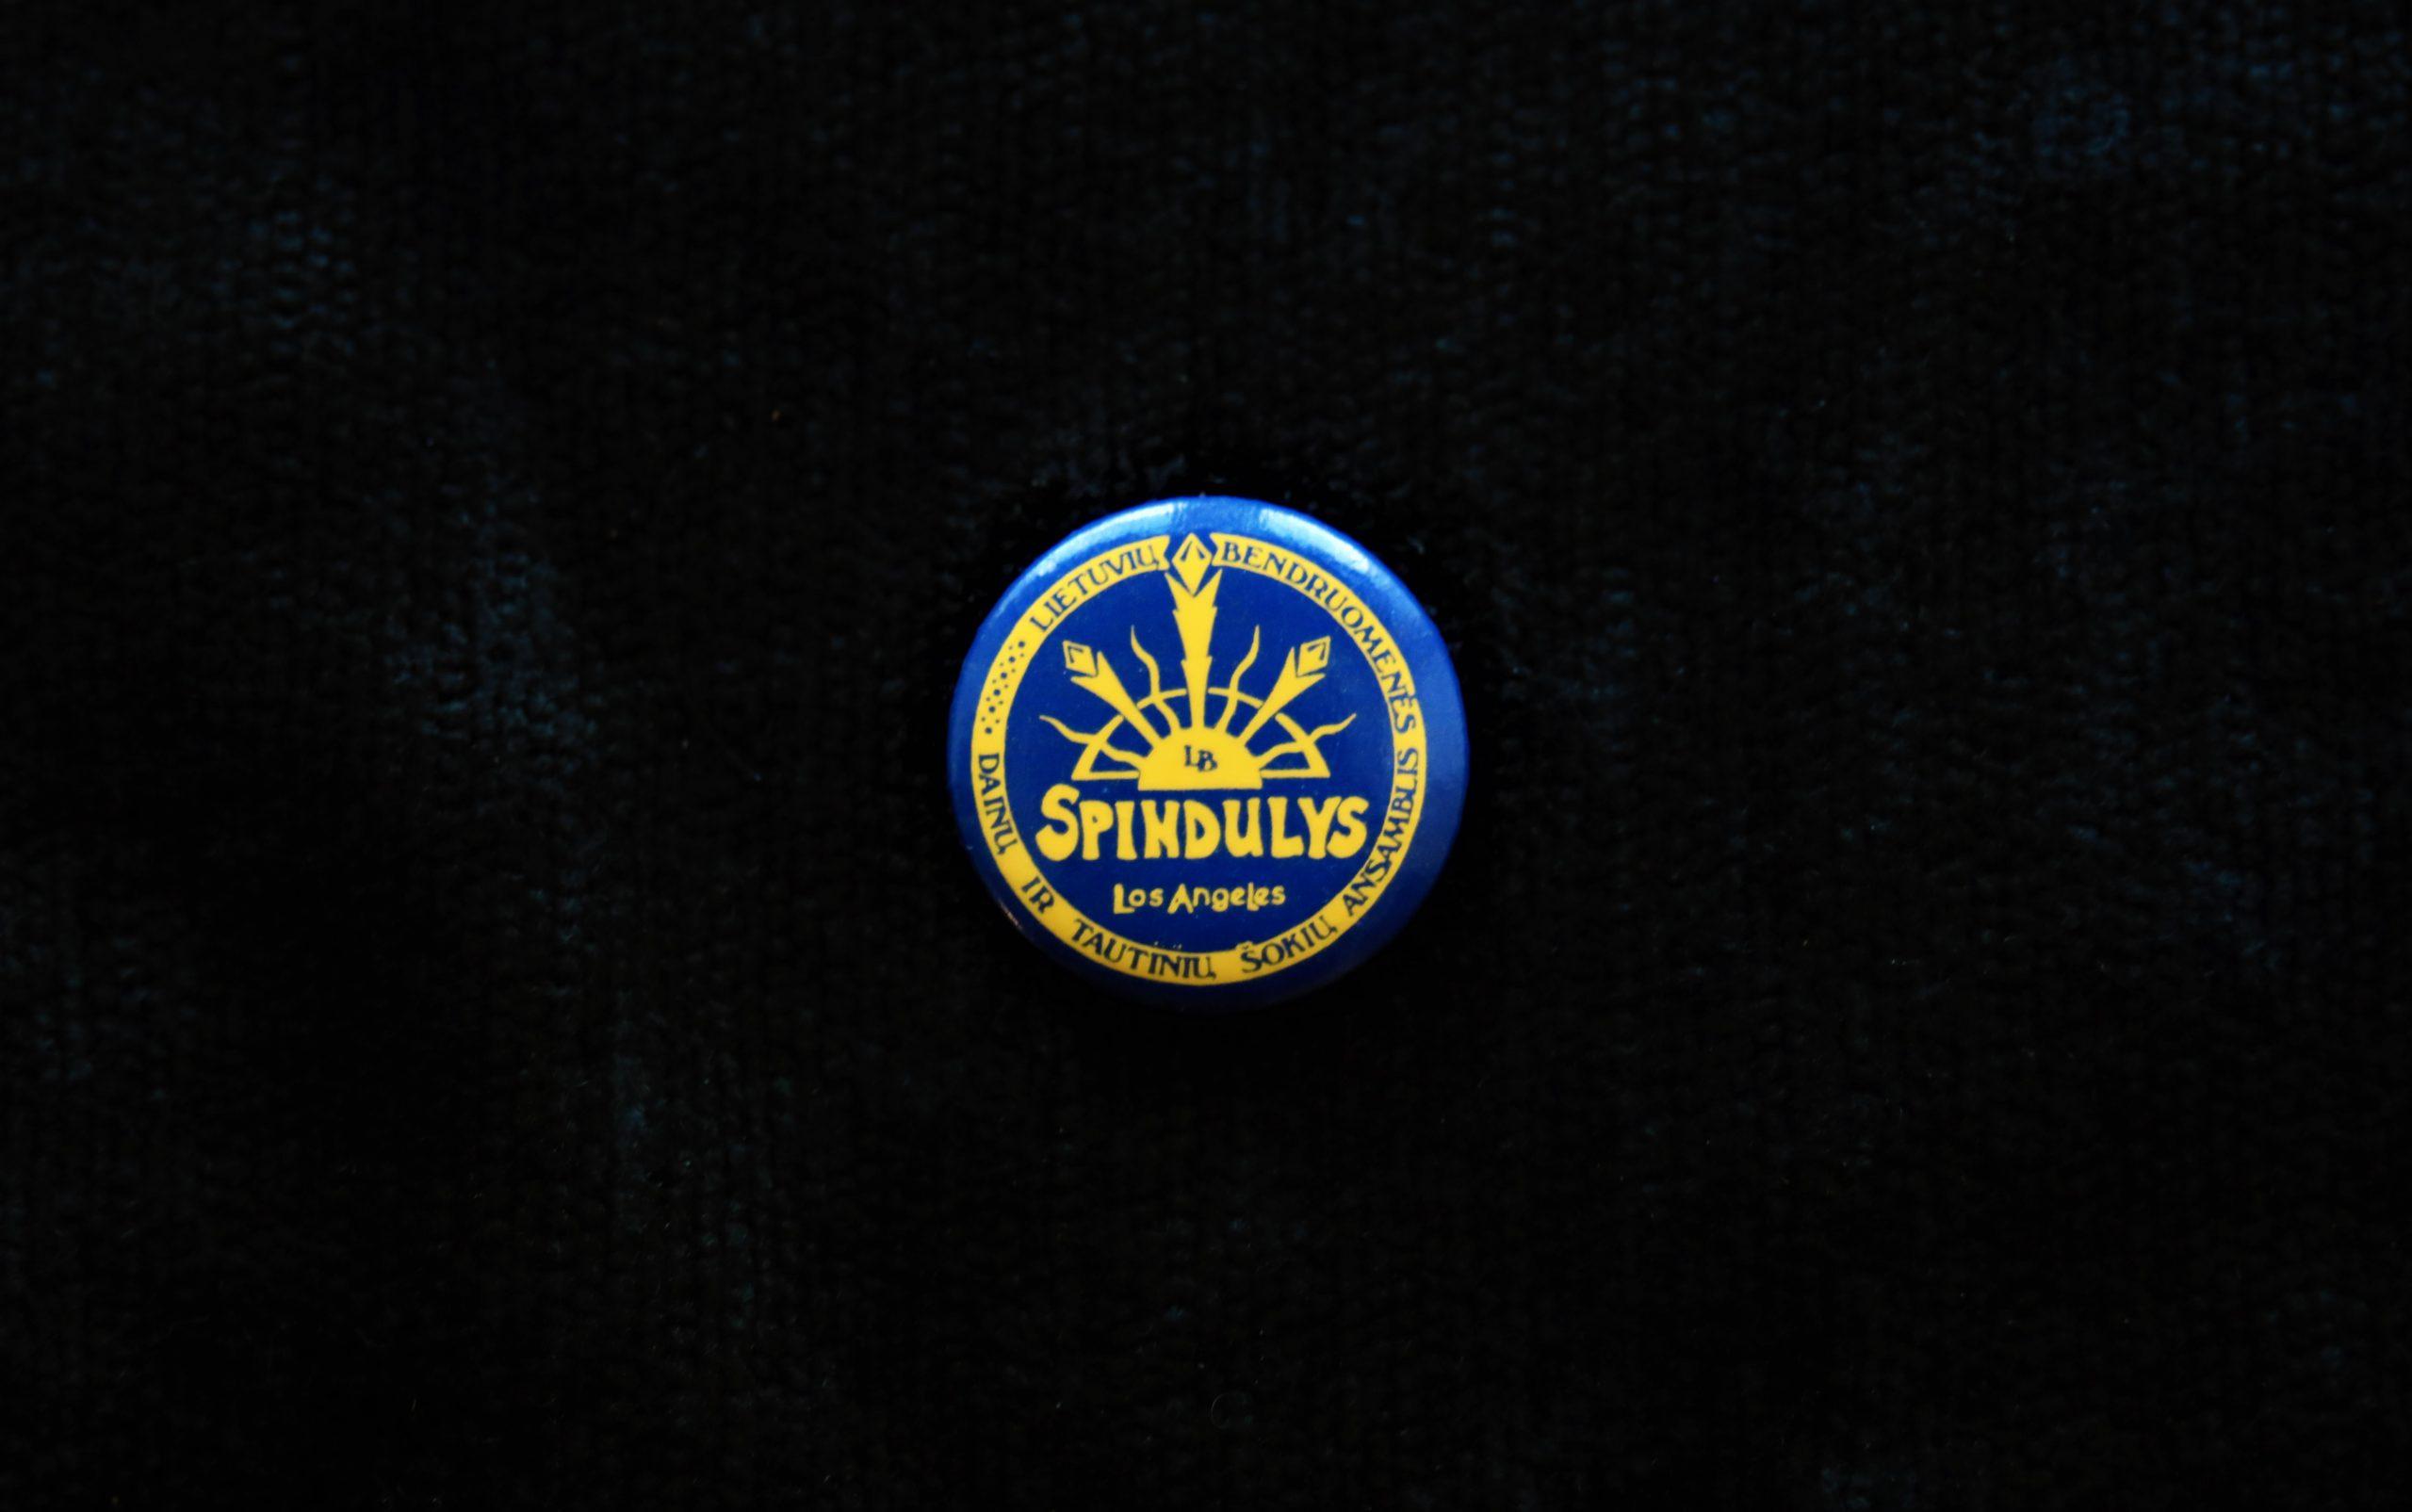 """Lietuvių bendruomenės dainų ir tautinių šokių ansamblio """"Spindulys"""" ženklelis"""